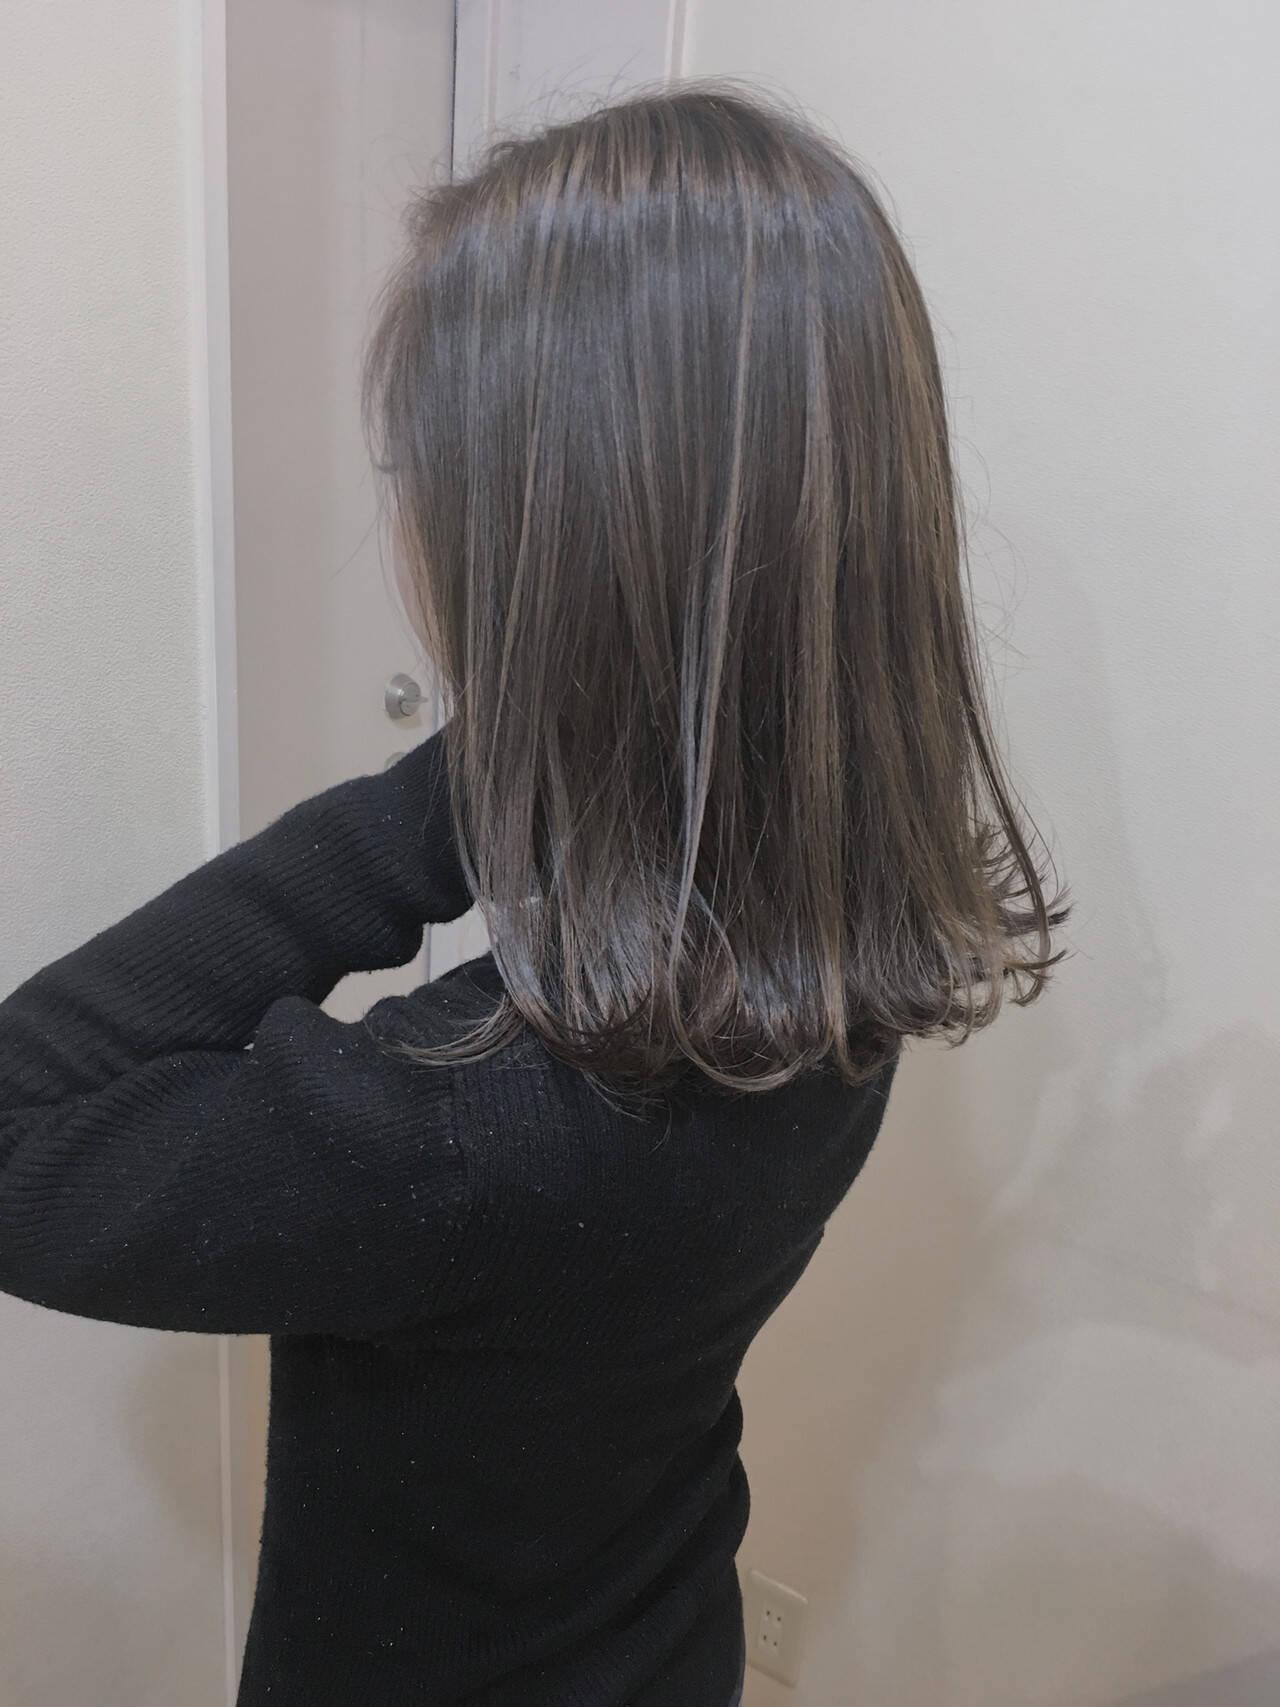 ふわふわ バレイヤージュ ミディアム 大人ハイライトヘアスタイルや髪型の写真・画像